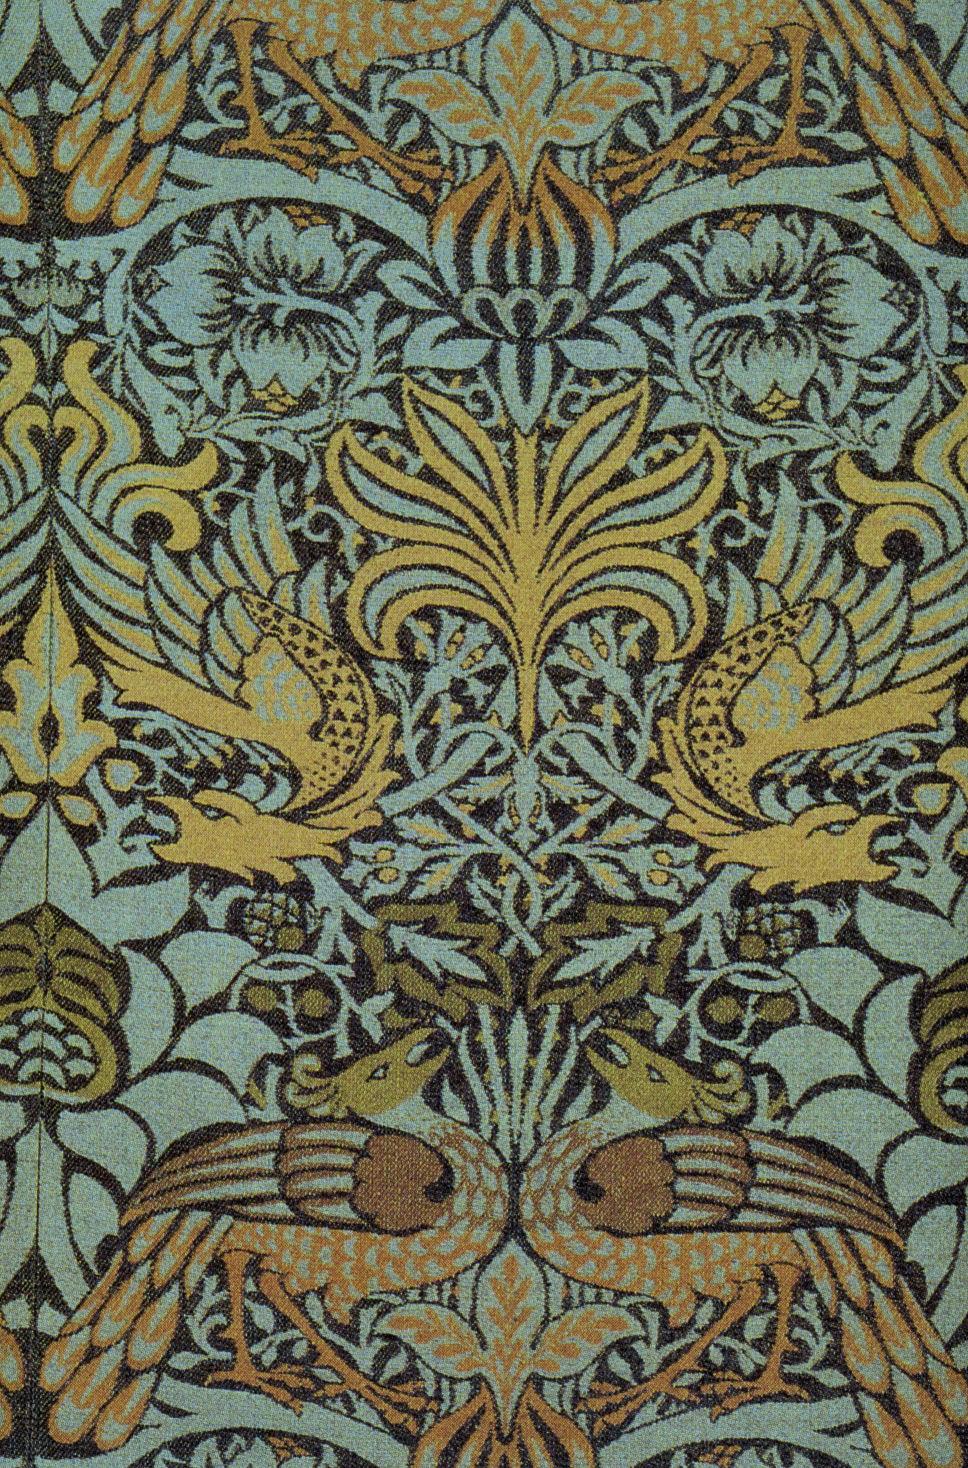 ART u0026 ARTISTS: William Morris wallpaper u0026 textiles